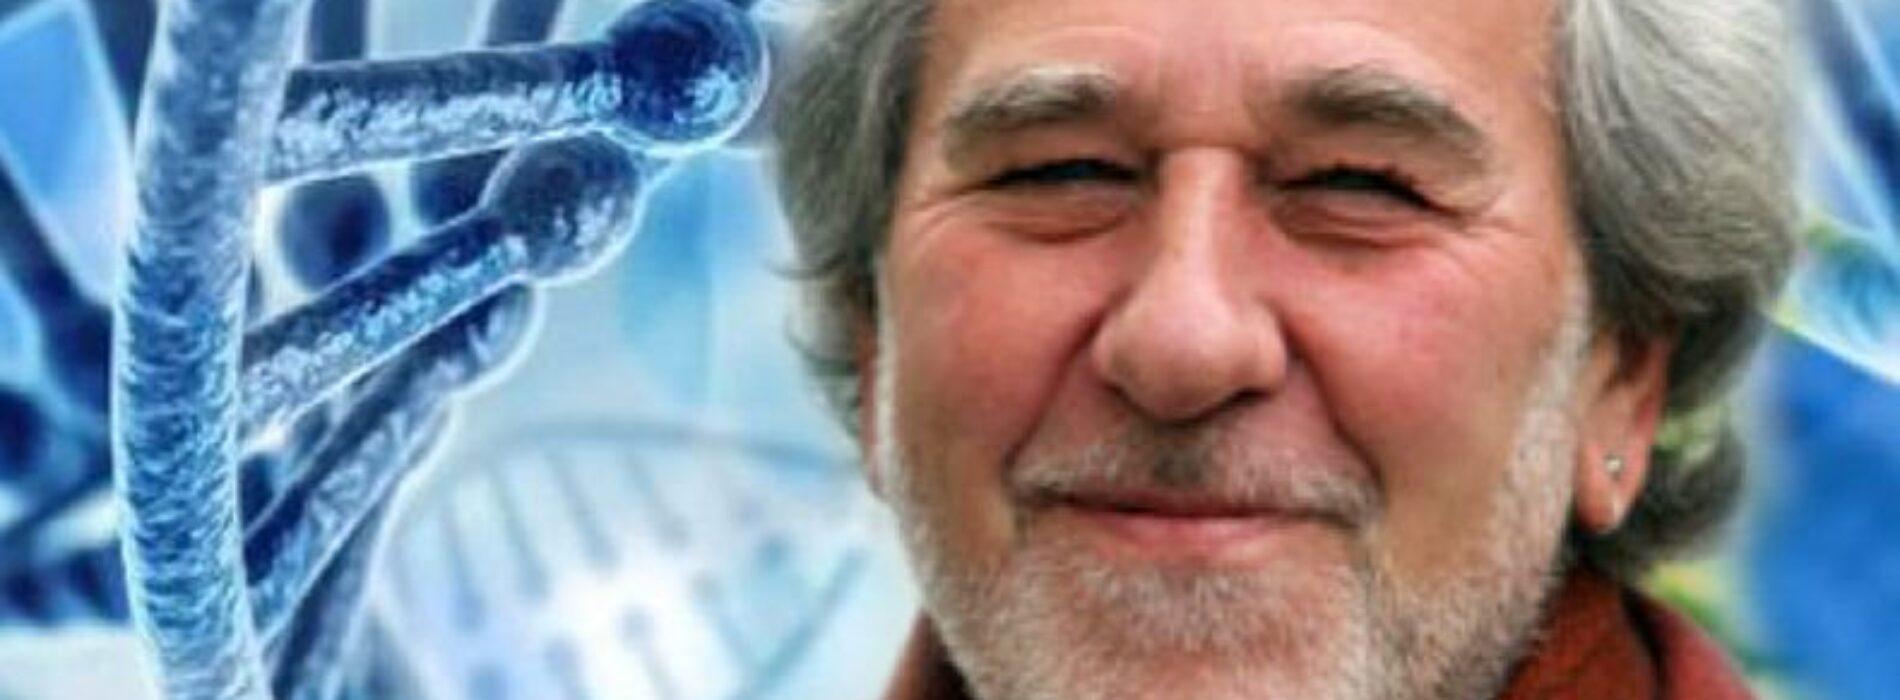 Внешняя среда сильнее ДНК и буллинга или как перепрограммировать поведение клеток и людей?